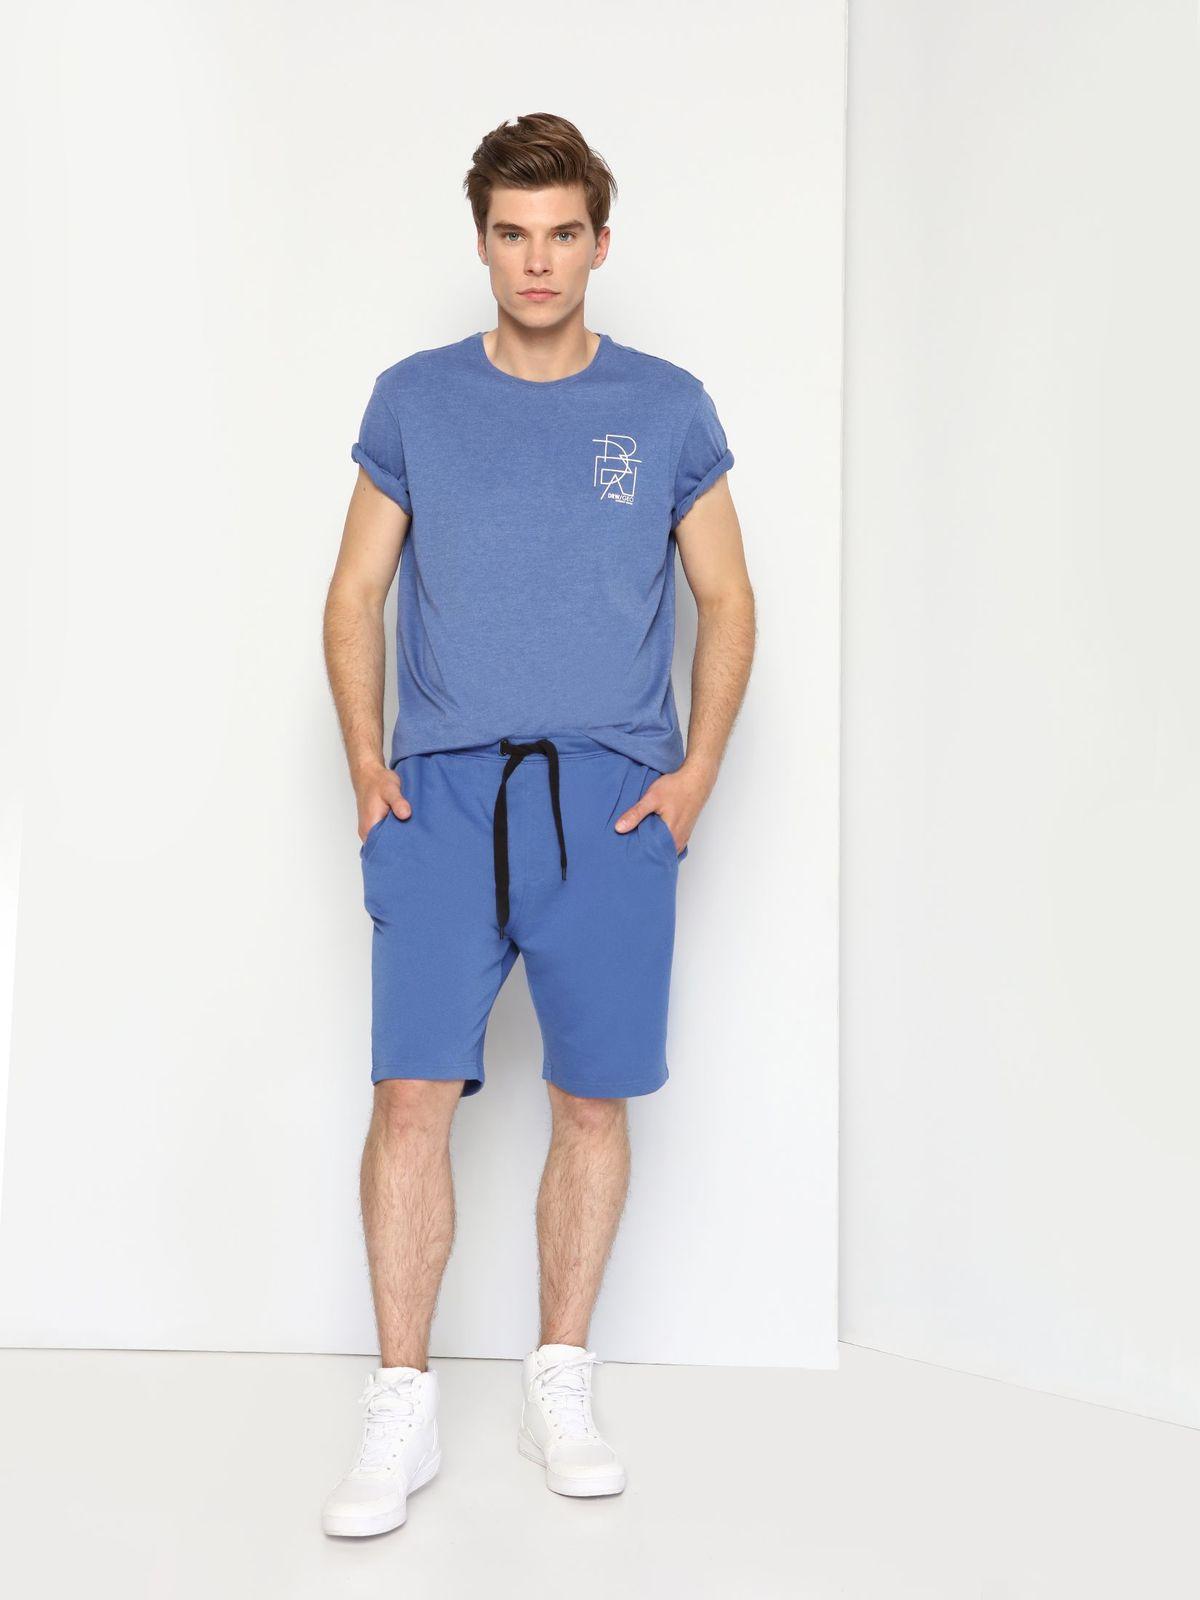 DPO0283NIЖенская футболка Drywash выполнена из хлопка с добавлением полиэстера. Модель с круглым вырезом горловины и короткими рукавами и оформлена оригинальным принтом.